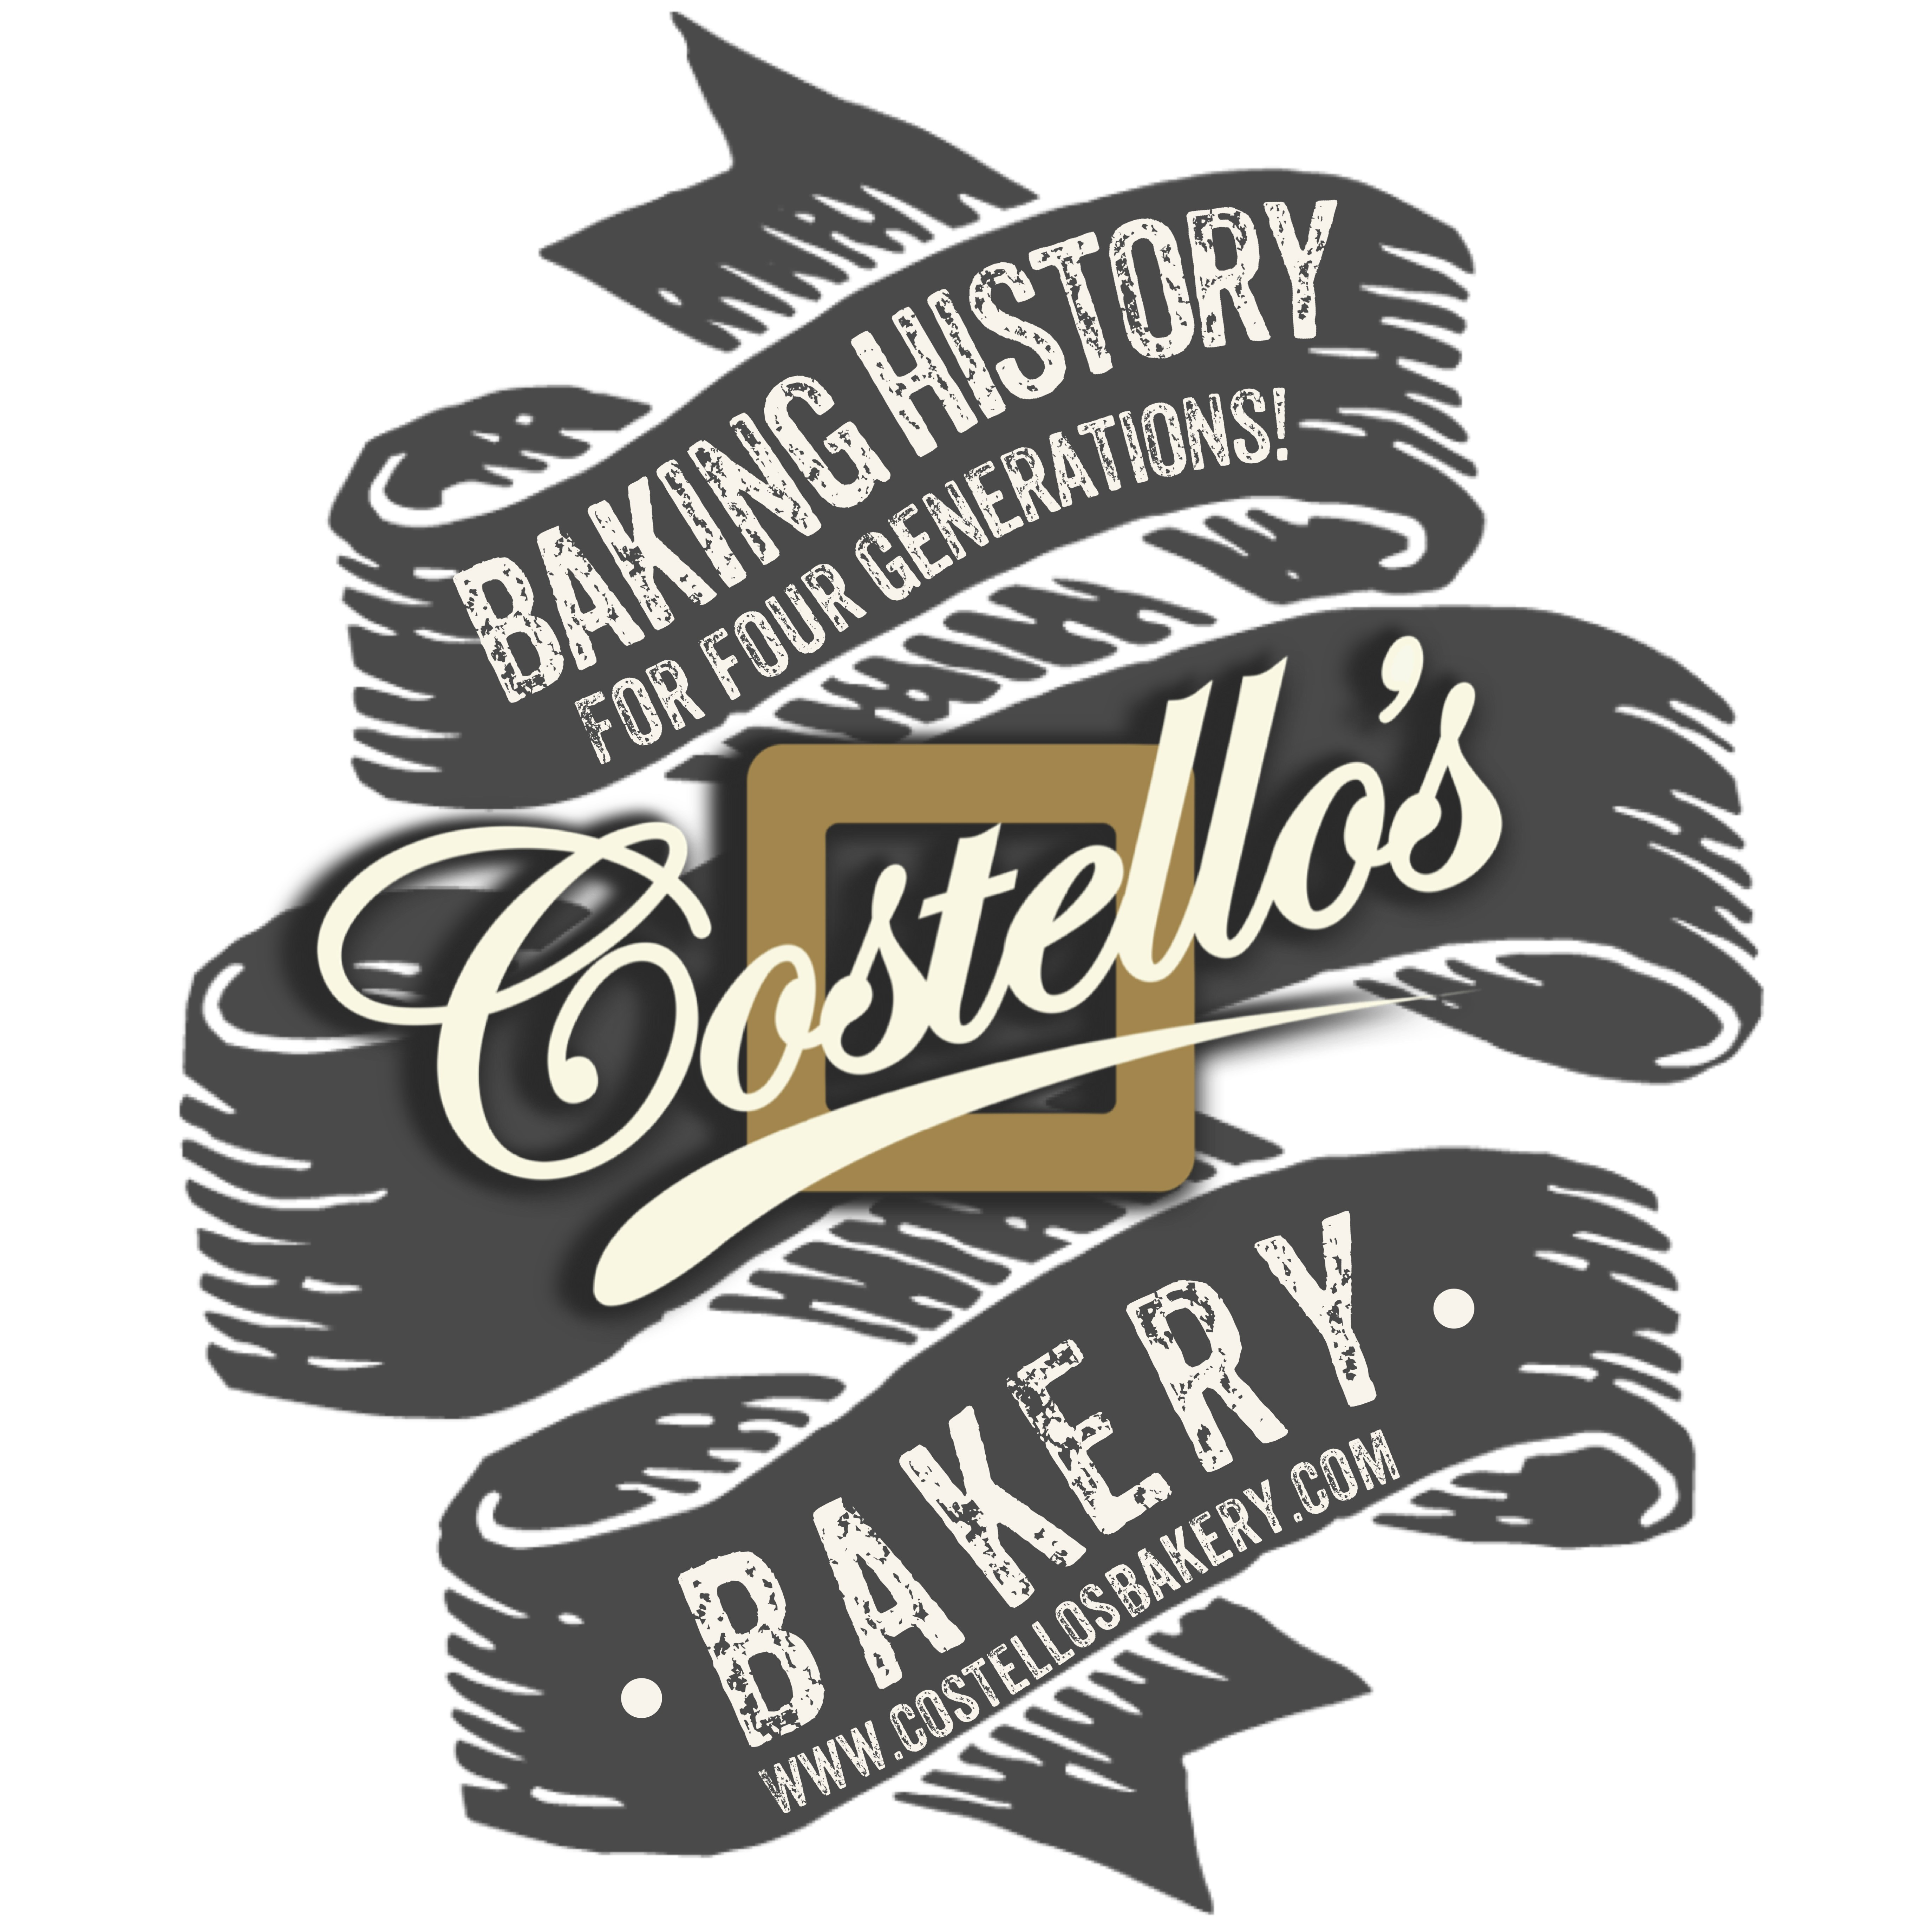 Costello's Bakery logo